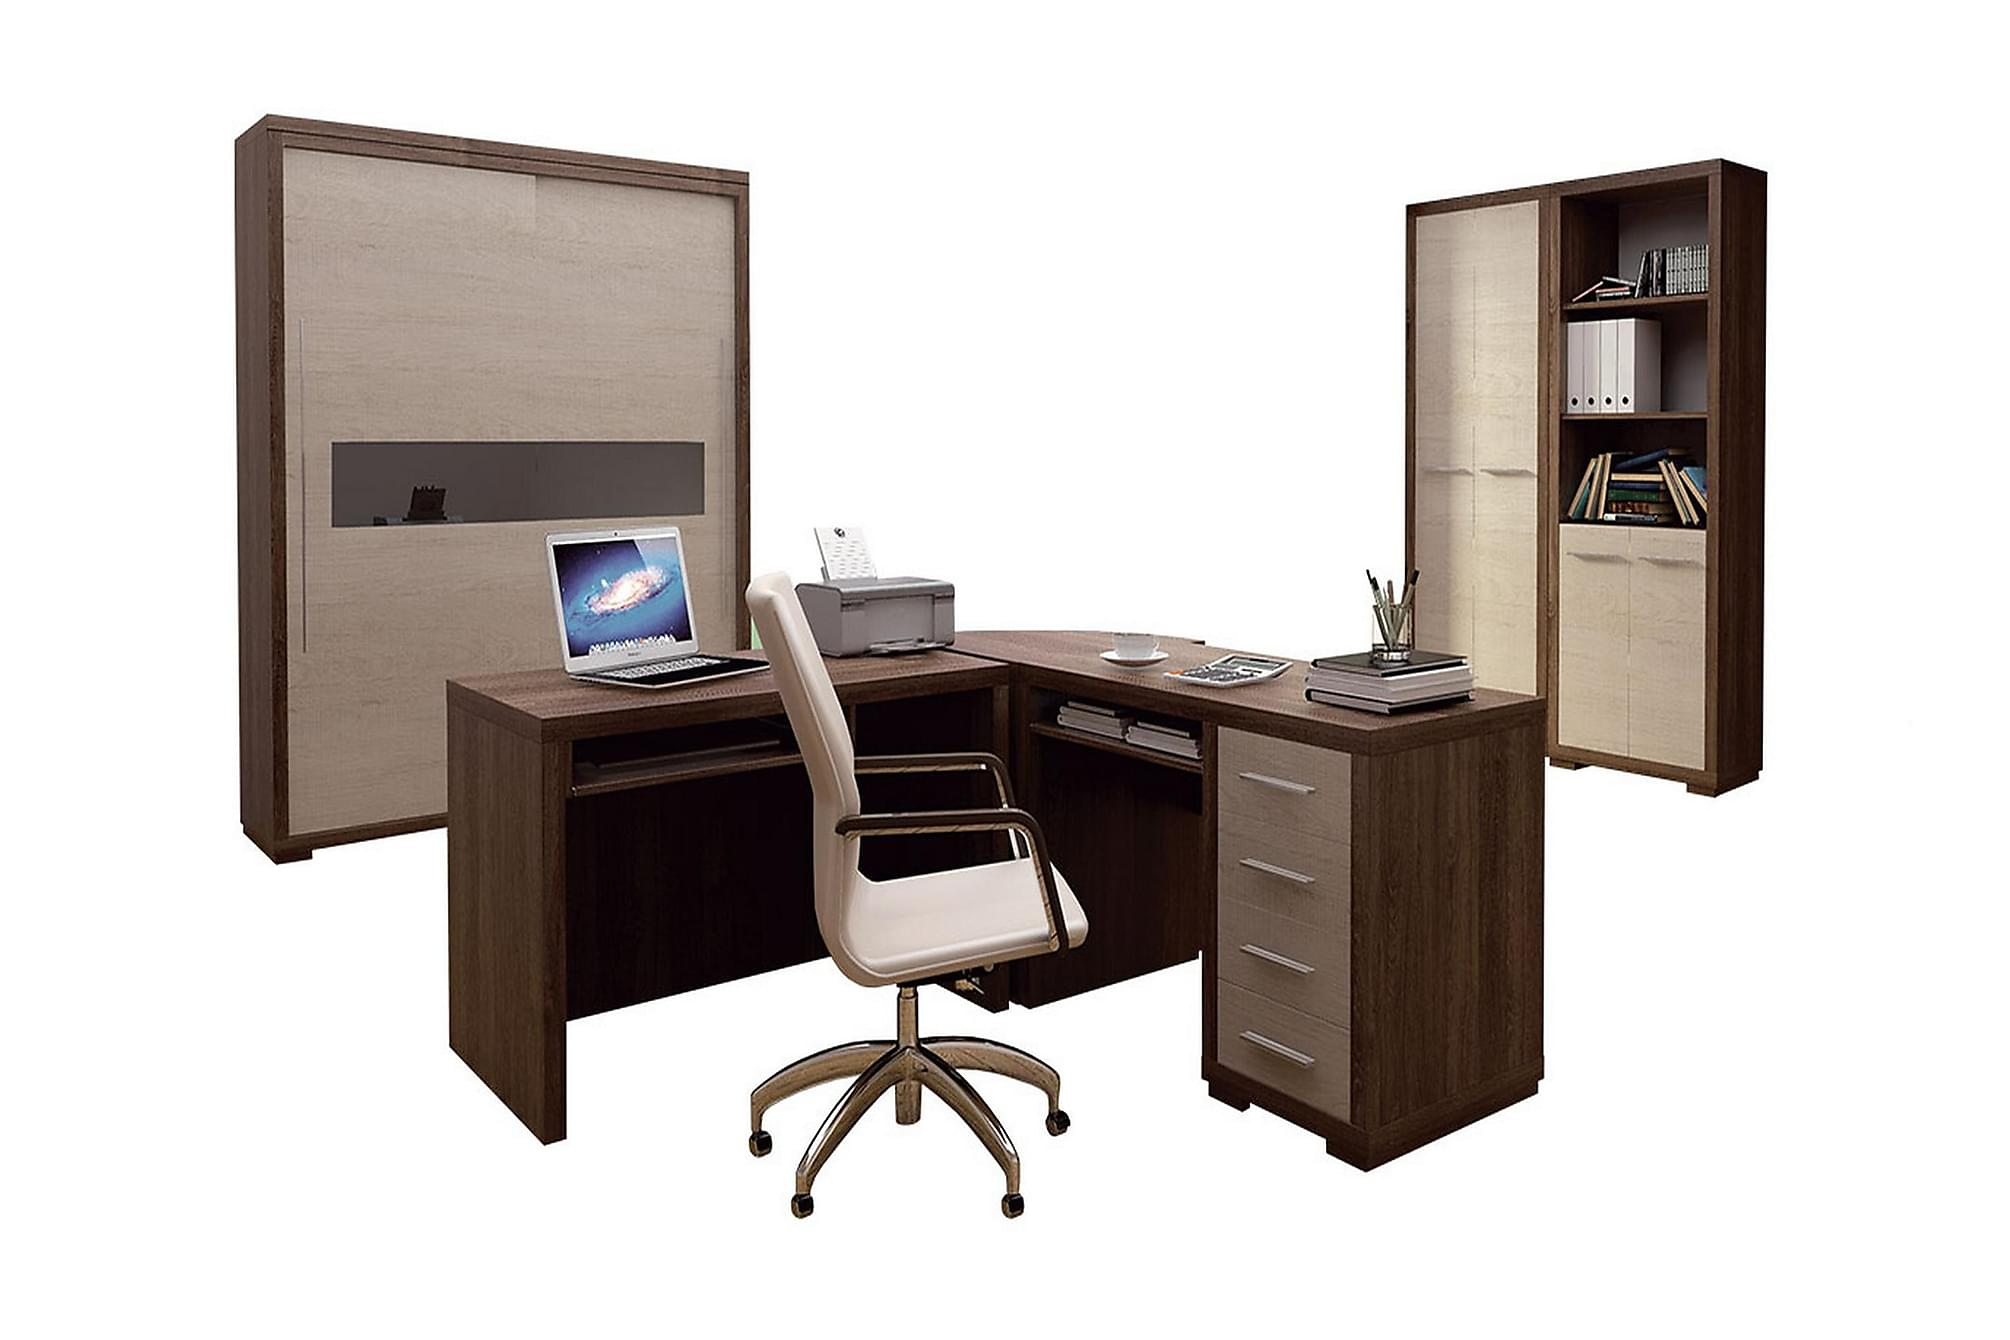 VEGAS Vardagsrumsset Ek, Möbelset för kontor